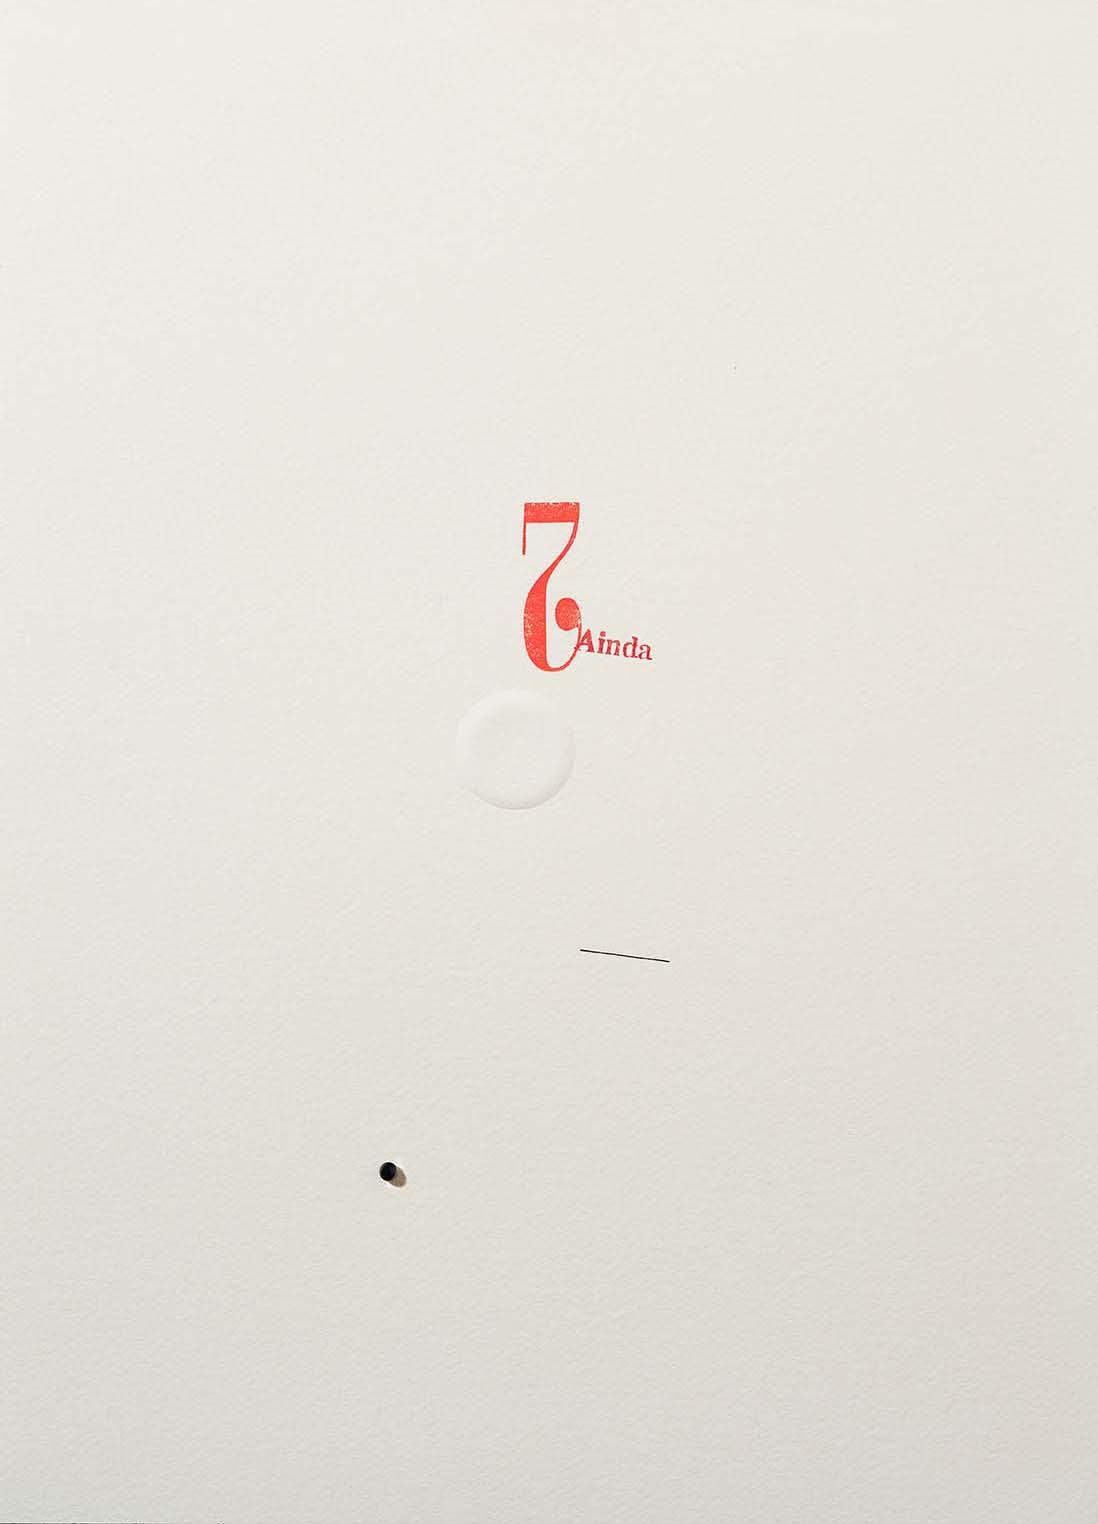 Copy of Sem título | 2014 | desenho | nanquim, carimbo, relevo e resina sobre papel | 36 x 25,5 x 0,6 cm (sem moldura) | 50,5 x 40,5 x 5,5 cm (com moldura)